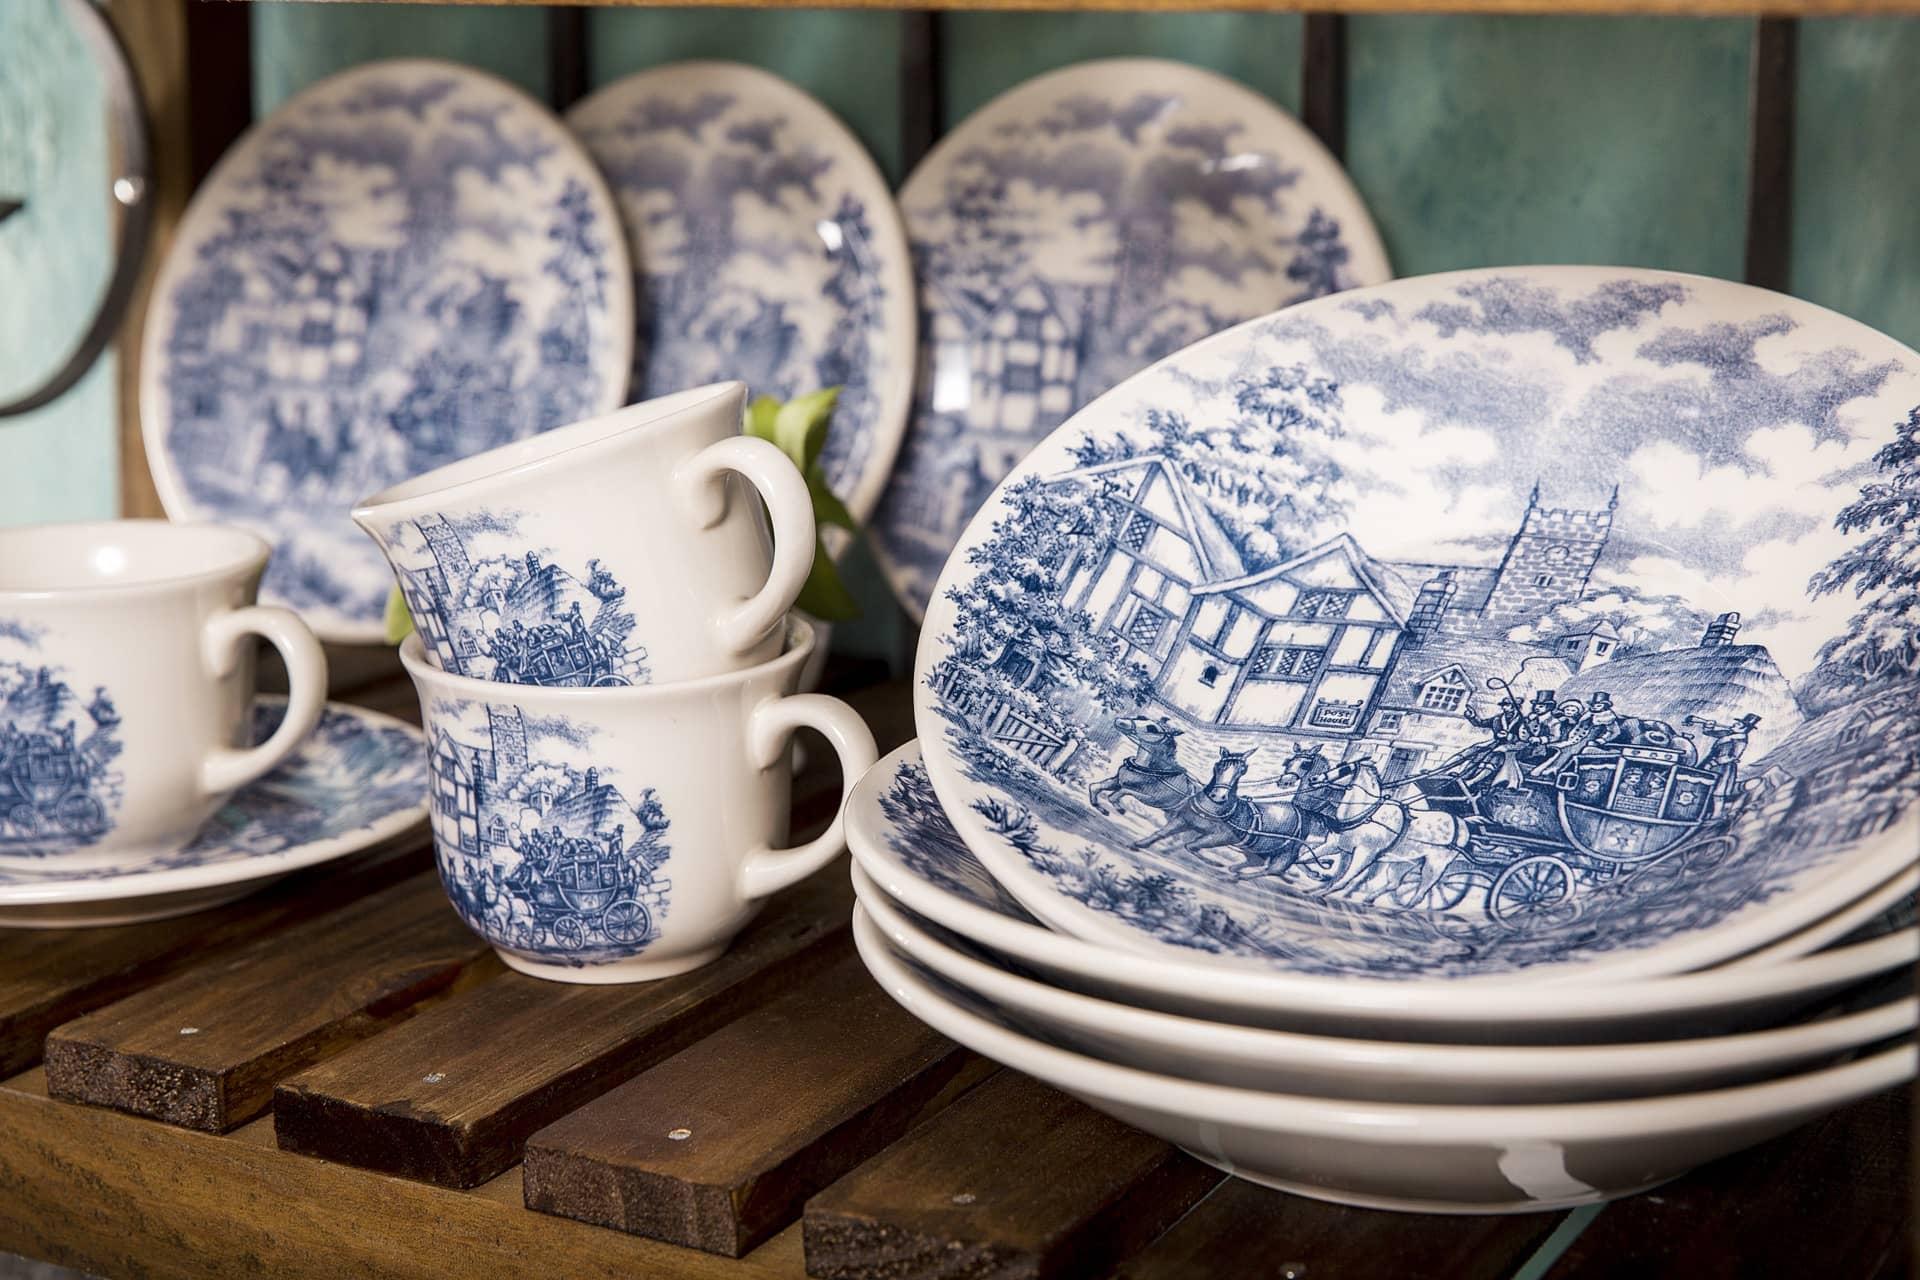 Imagem: As louças da coleção Cena Inglesa, da Biona, exibem uma carruagem em meio à antigas casas da Inglaterra.